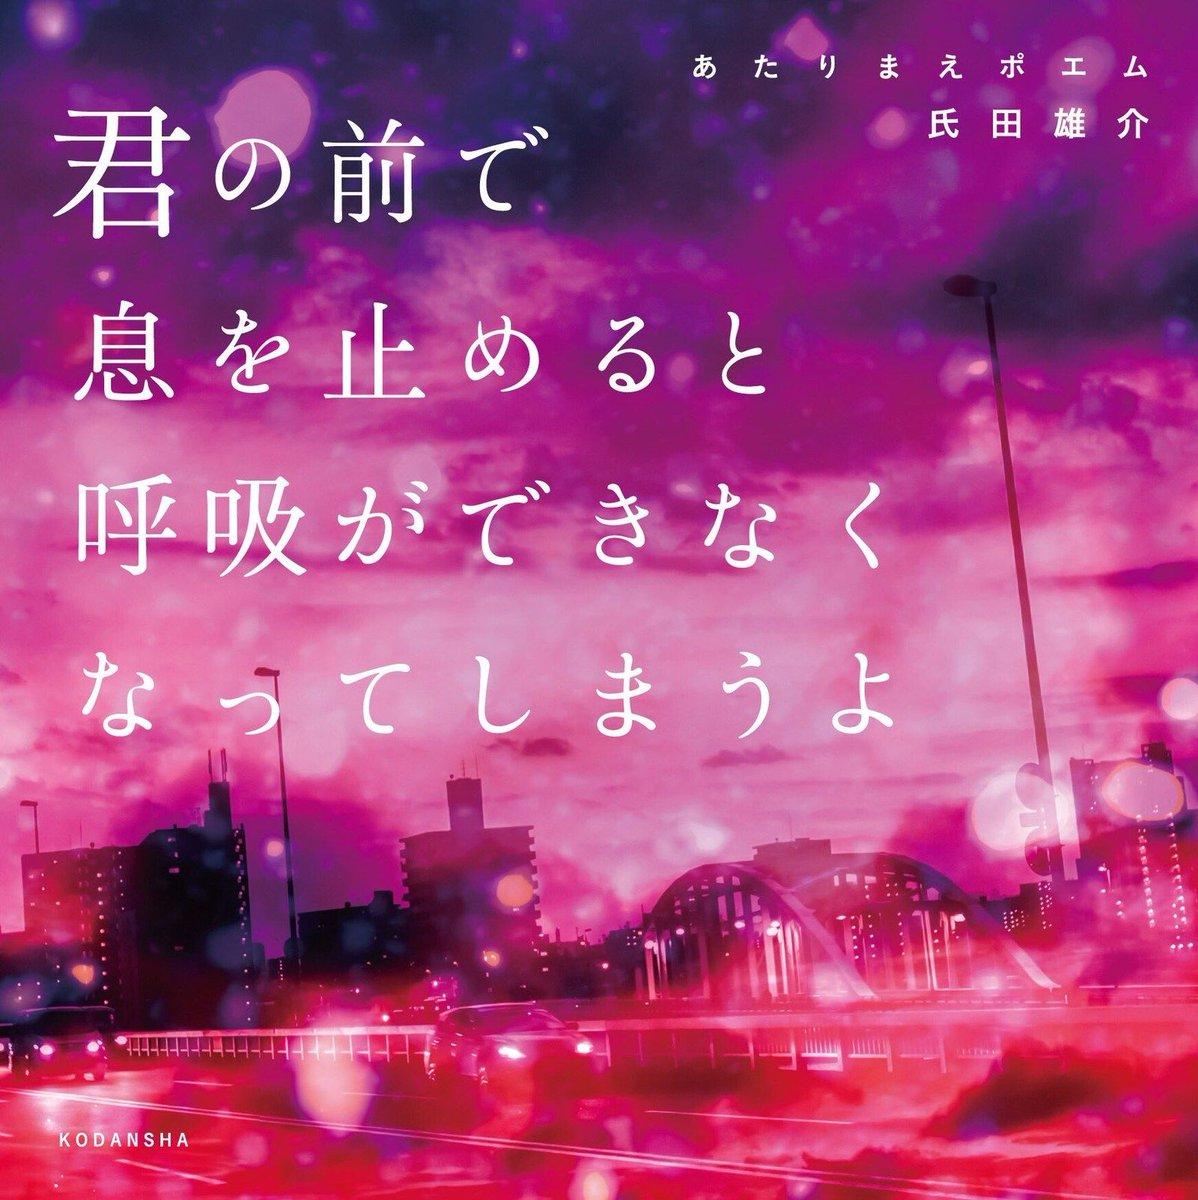 「あたりまえポエム」が最&高だから見て欲しい  buzzfeed.com/jp/asamitogi/…